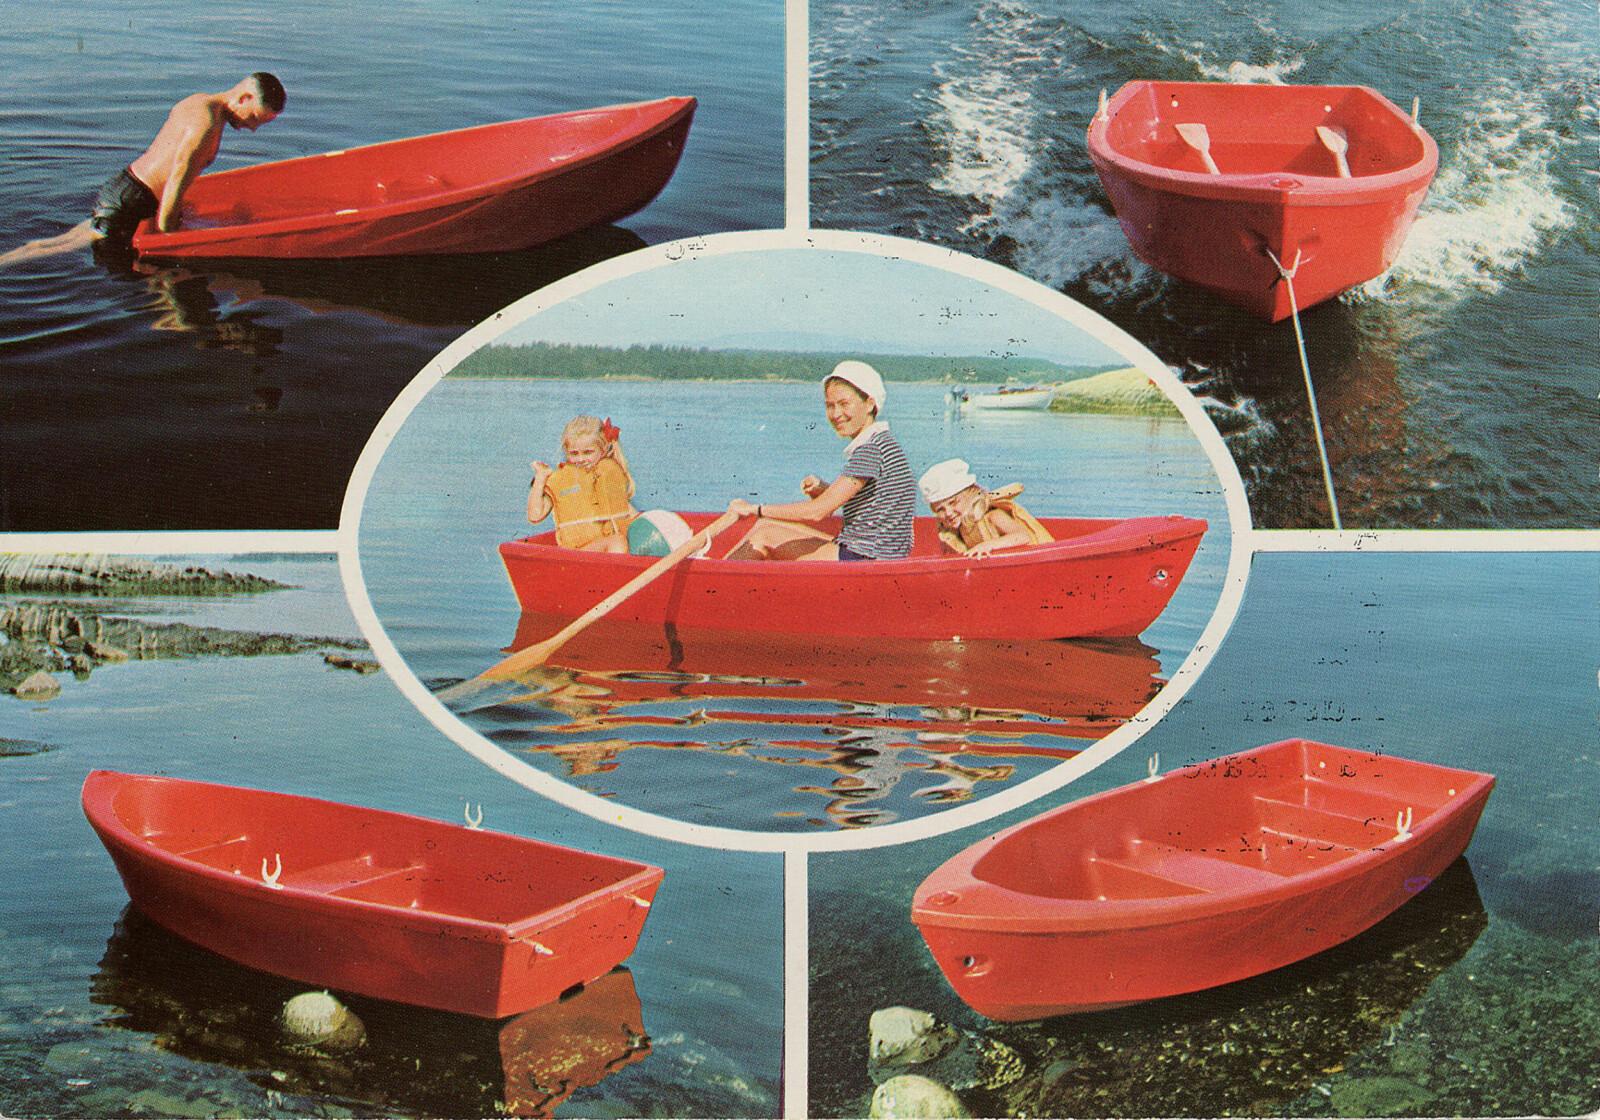 <b>PIONERS LILLE RØDE:</b> Klassikeren Pioner 8. Slepejolle, robåt, badebåt. Den lille røde dukker opp på netthinnen straks noensier Pioner.